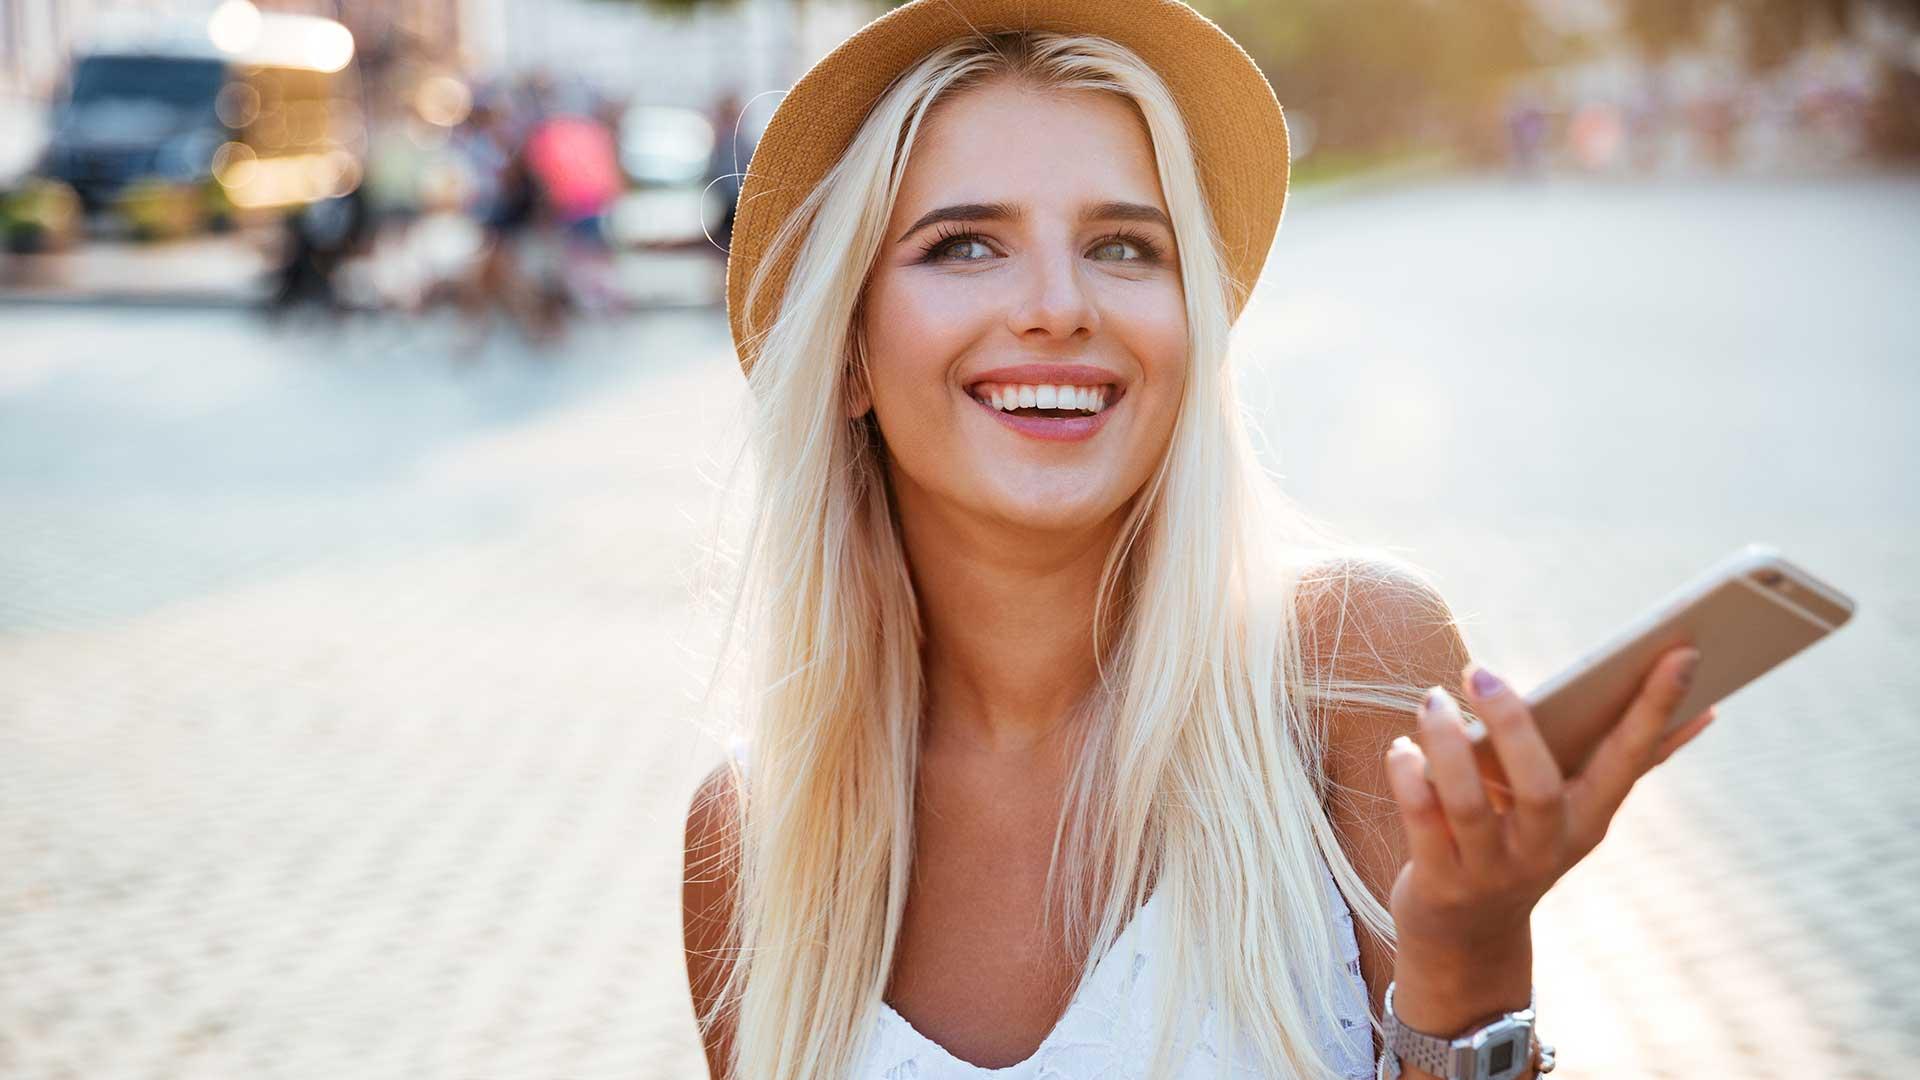 Bye-Felicia-Says-White-Girl-From-Edina-Whos-Never-Seen-Friday.jpg